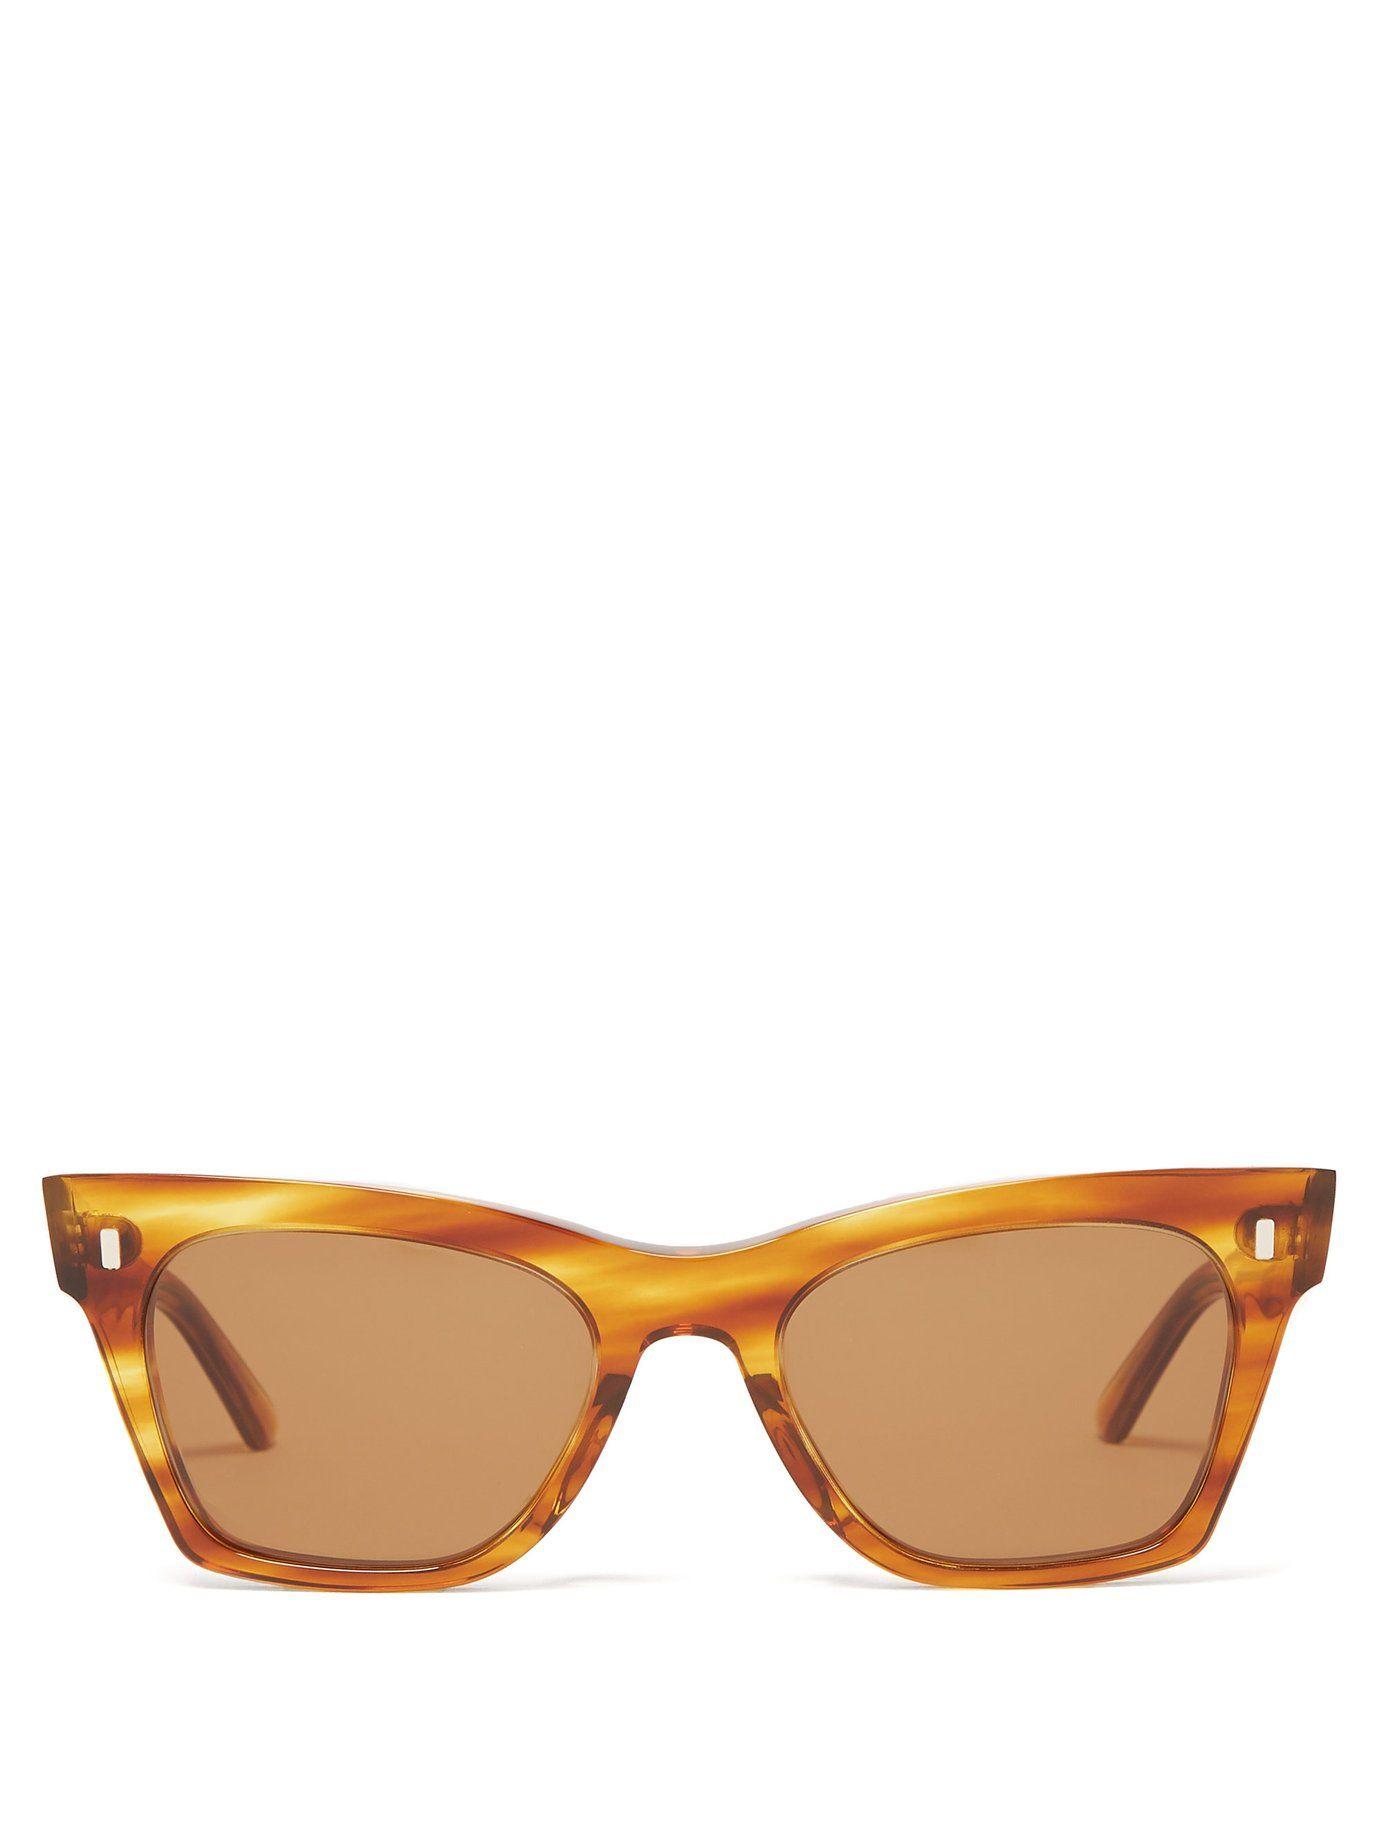 c841bd2f2c989 Rectangular cat-eye acetate sunglasses